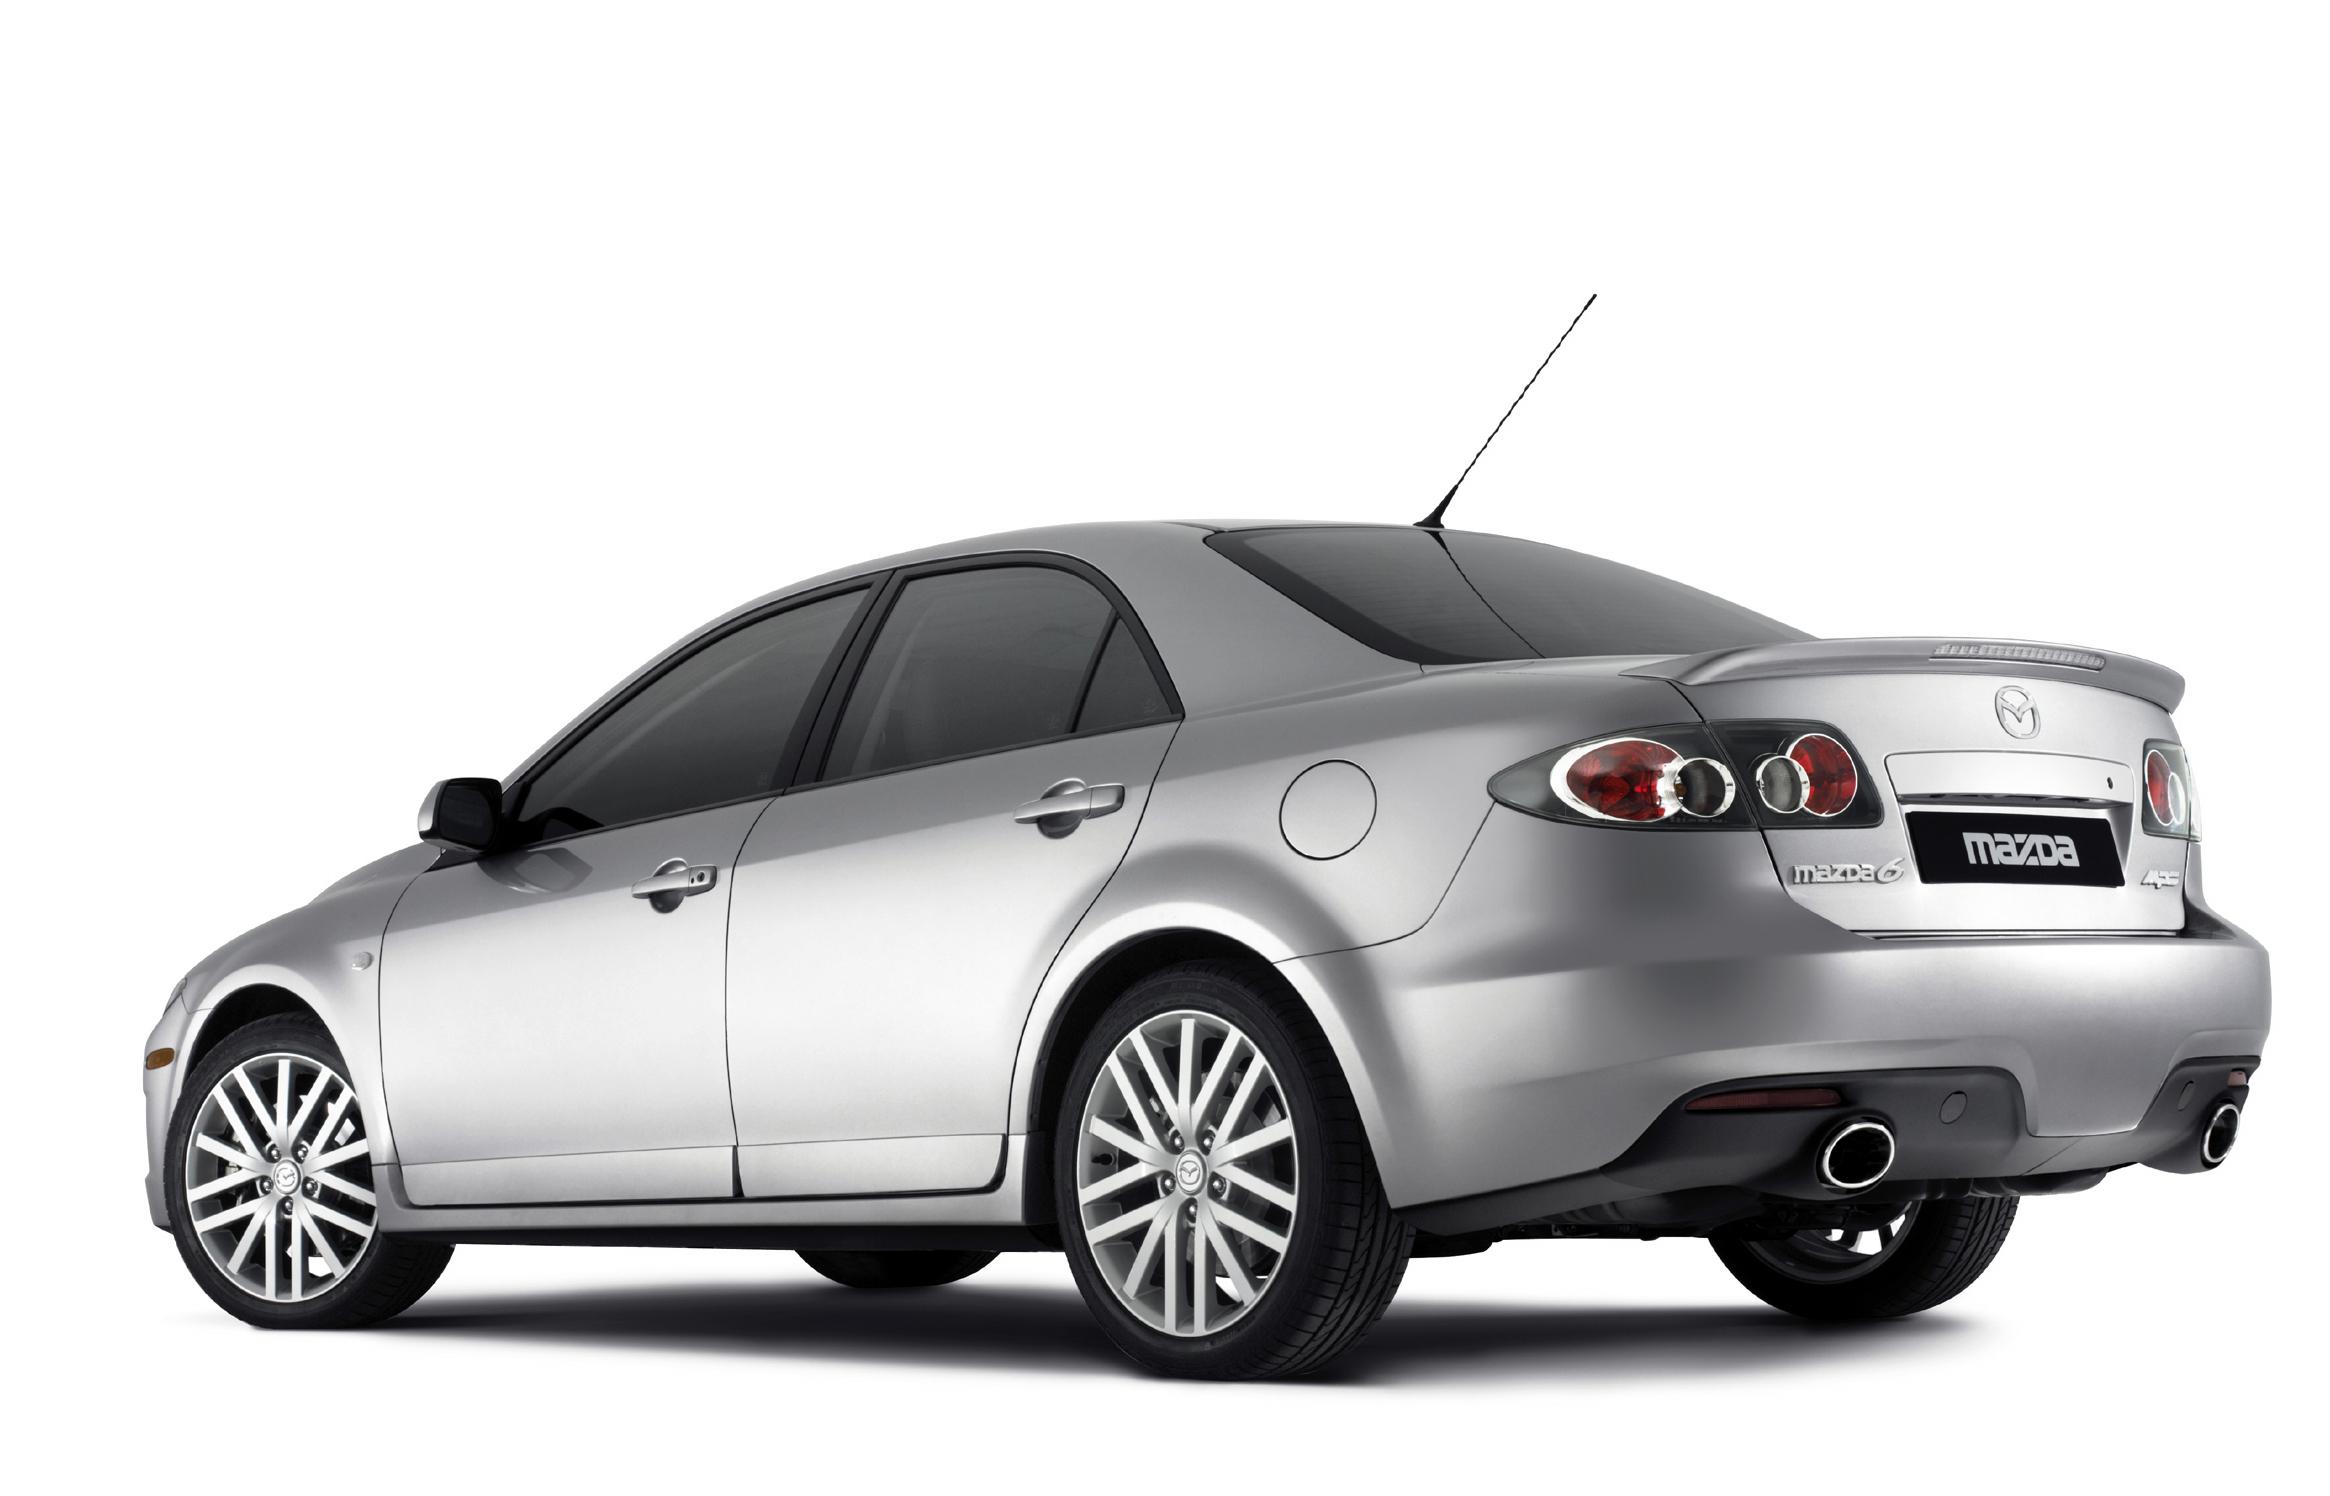 Mazda 6 mps Silver